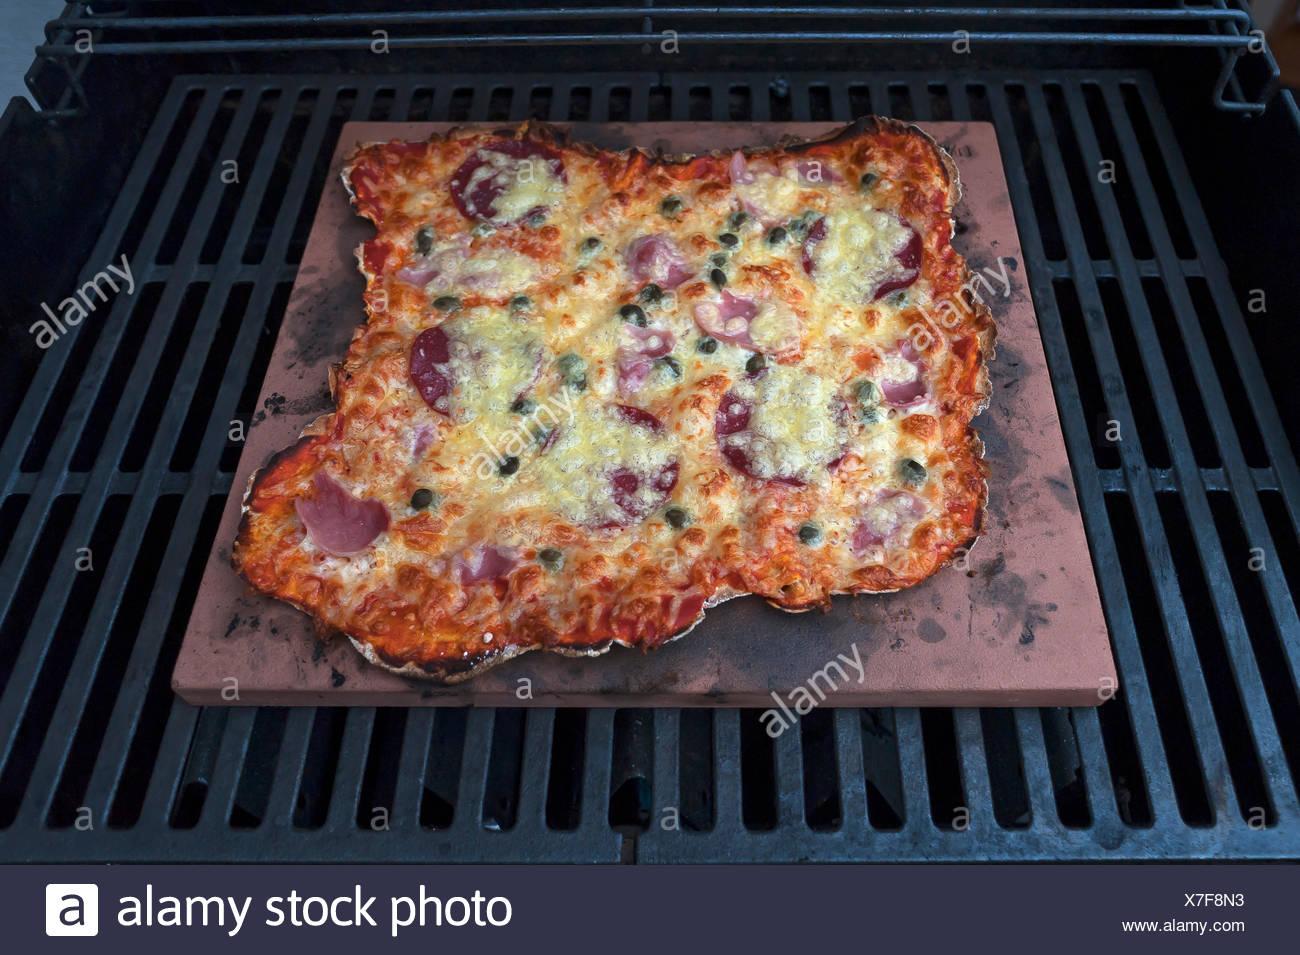 Hausgemachte Pizza Speziale, Tomaten, Gekochter Schinken, Salami Und Käse  Auf Einem Heißen Stein